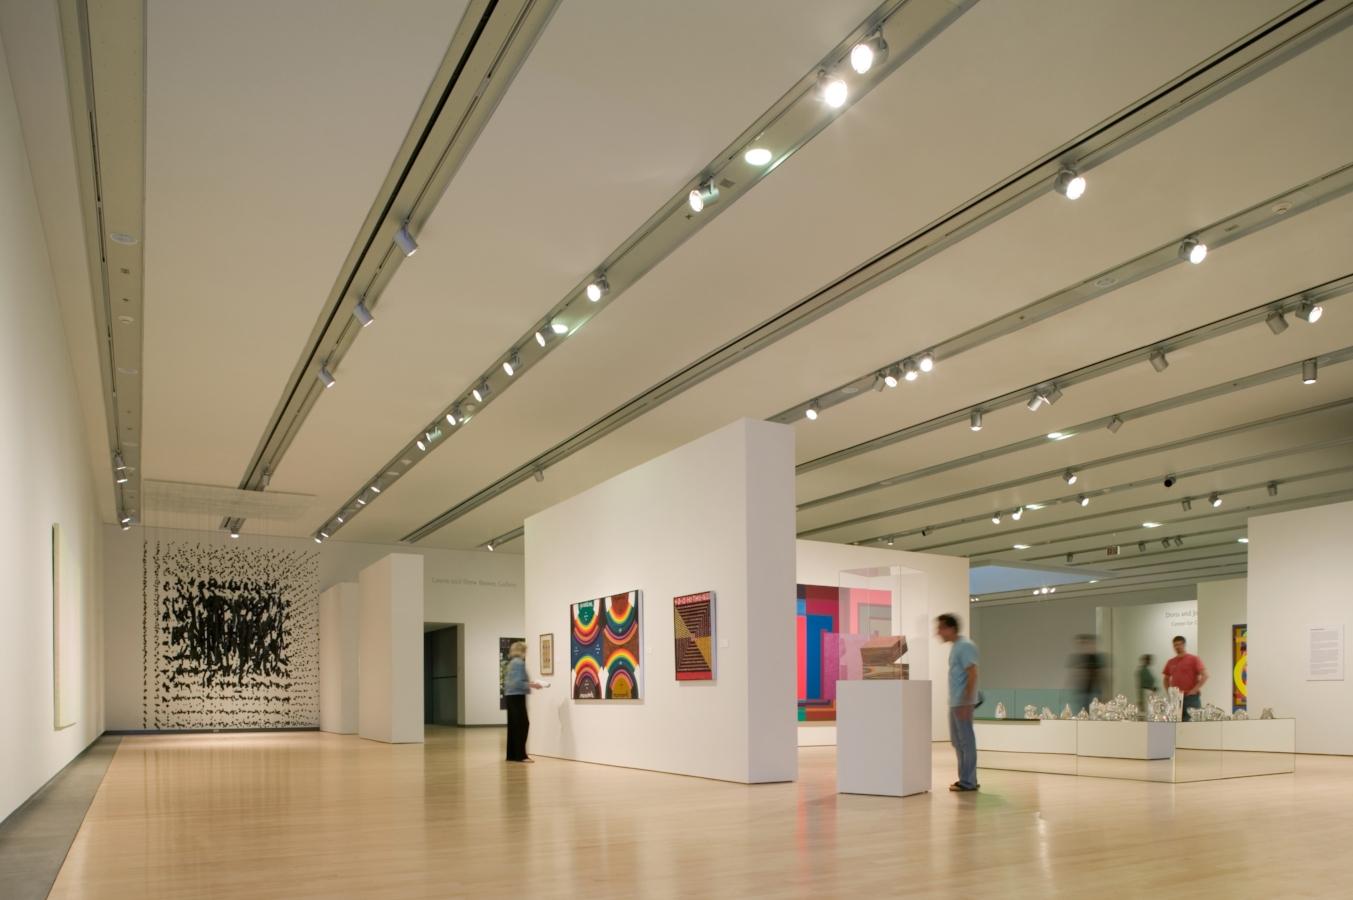 Museum Of Arts And Design Inside : Top phoenix attractions visitphoenix